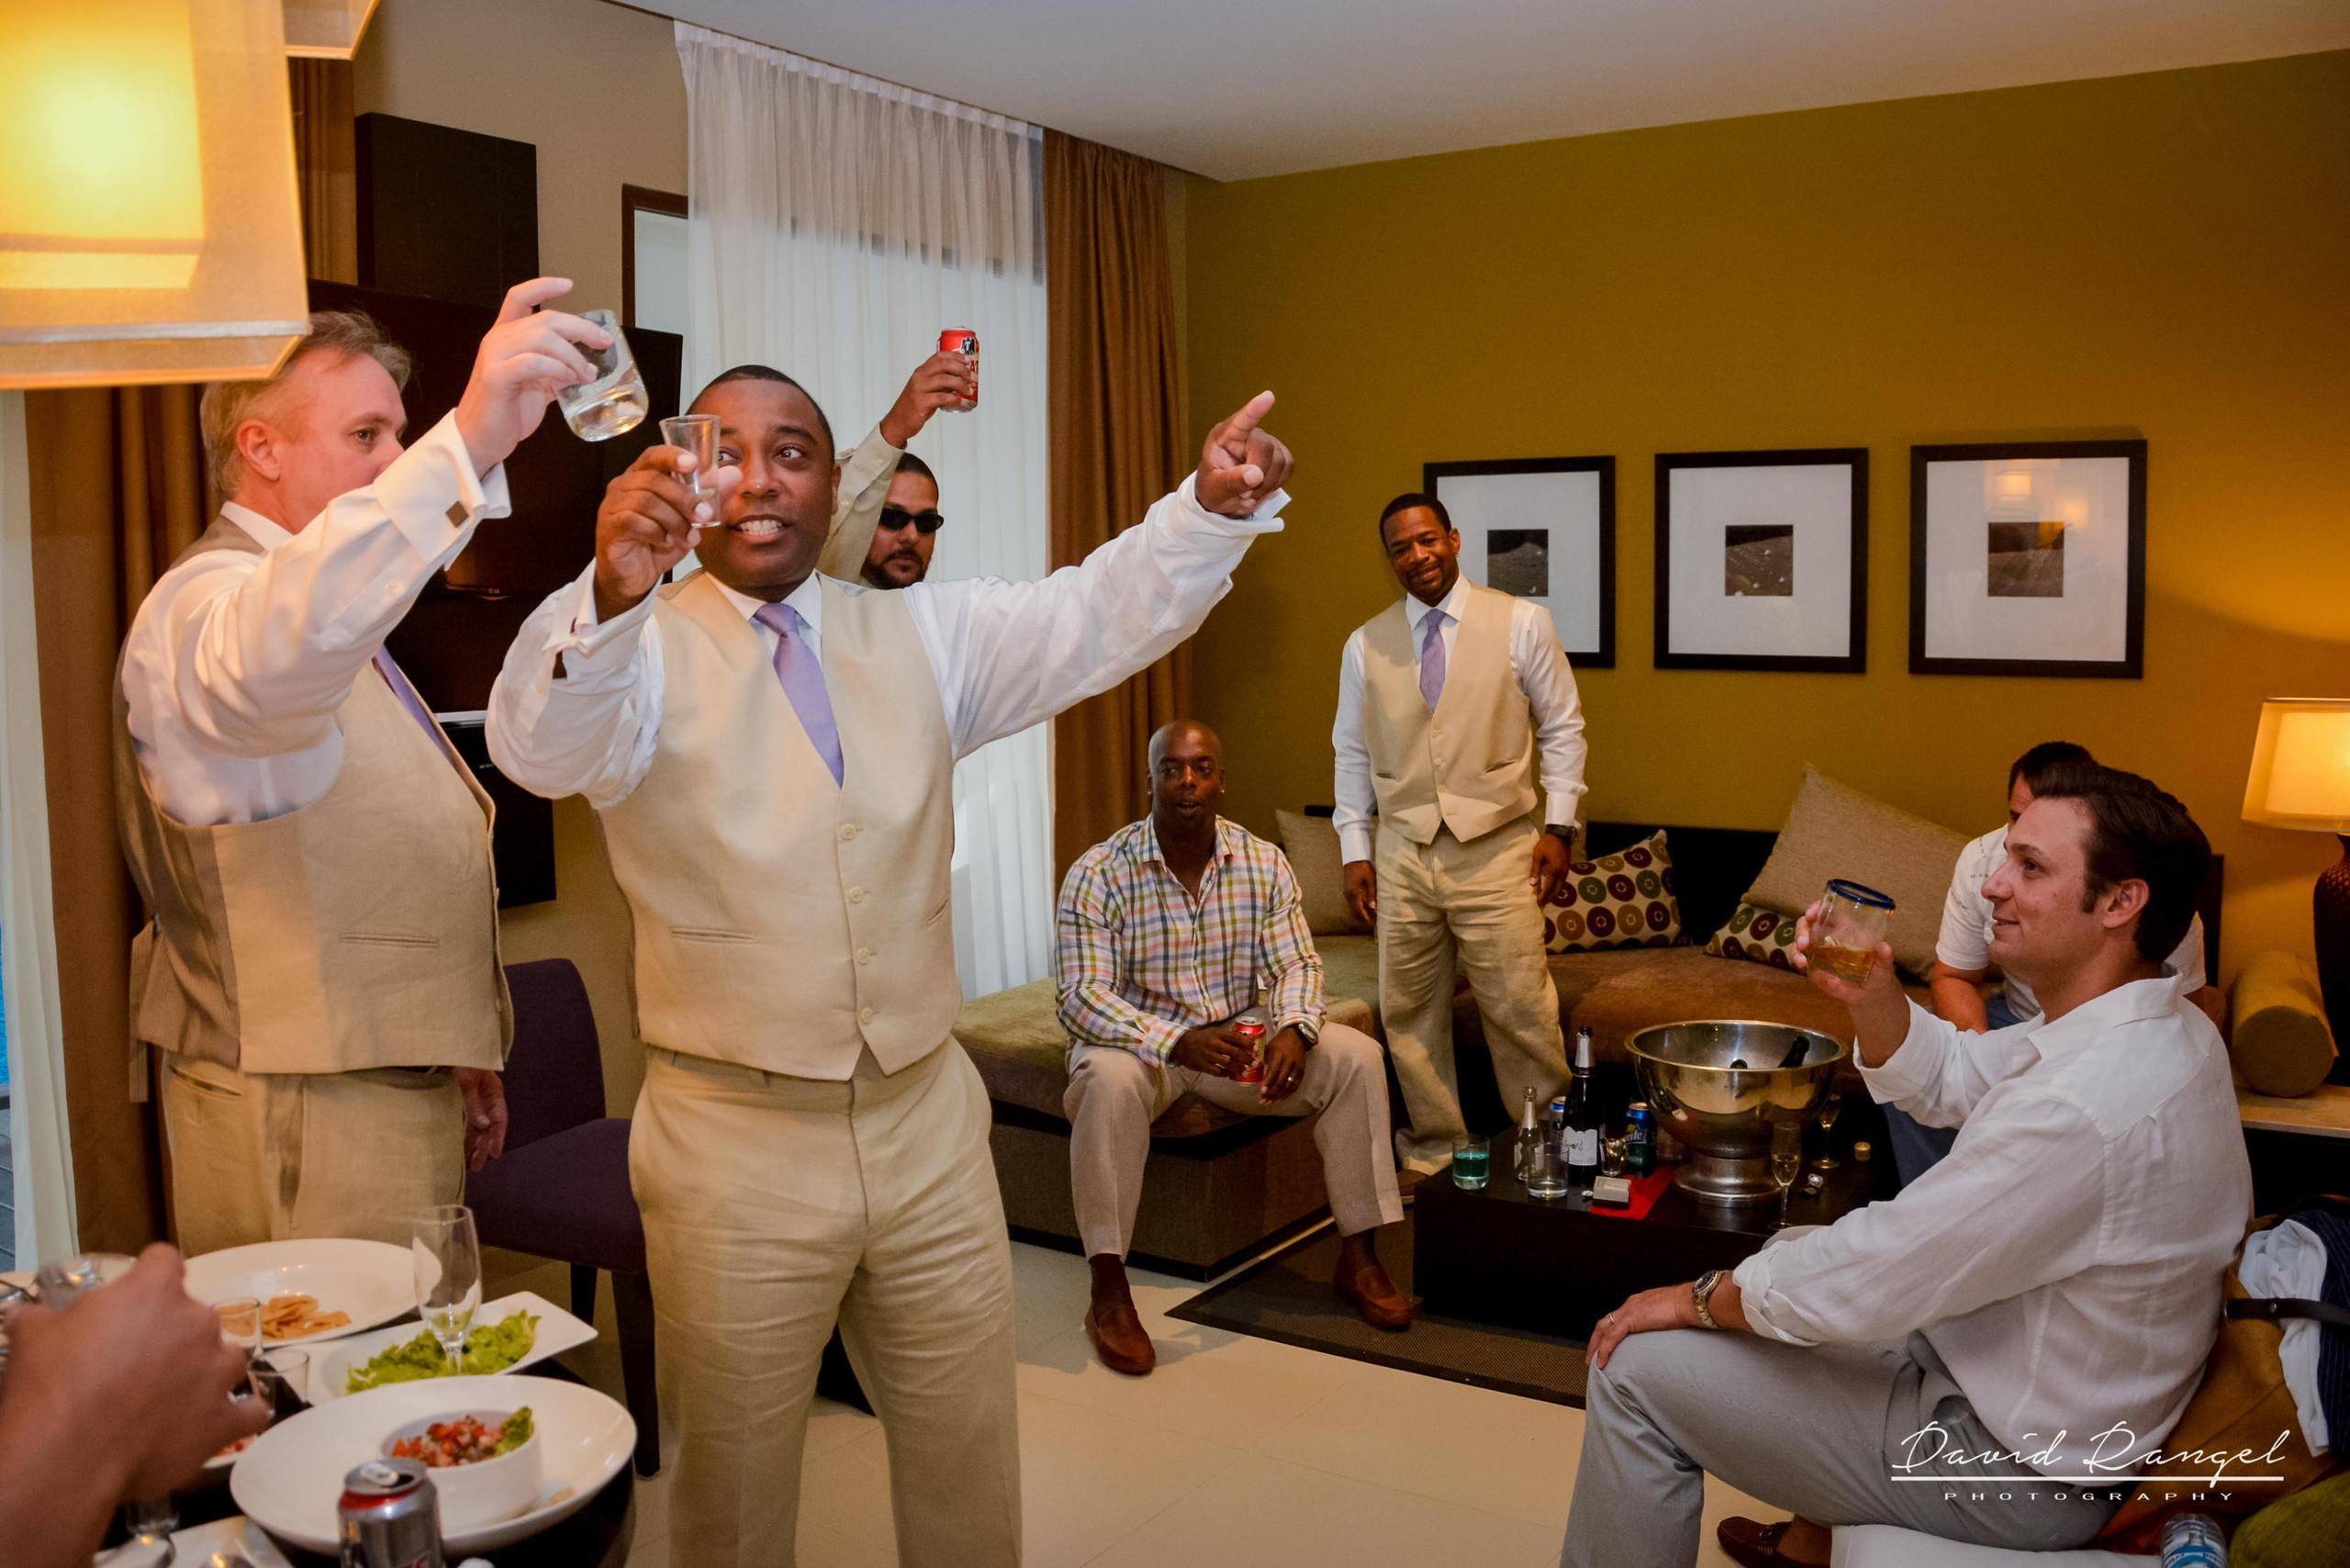 toast of the groom